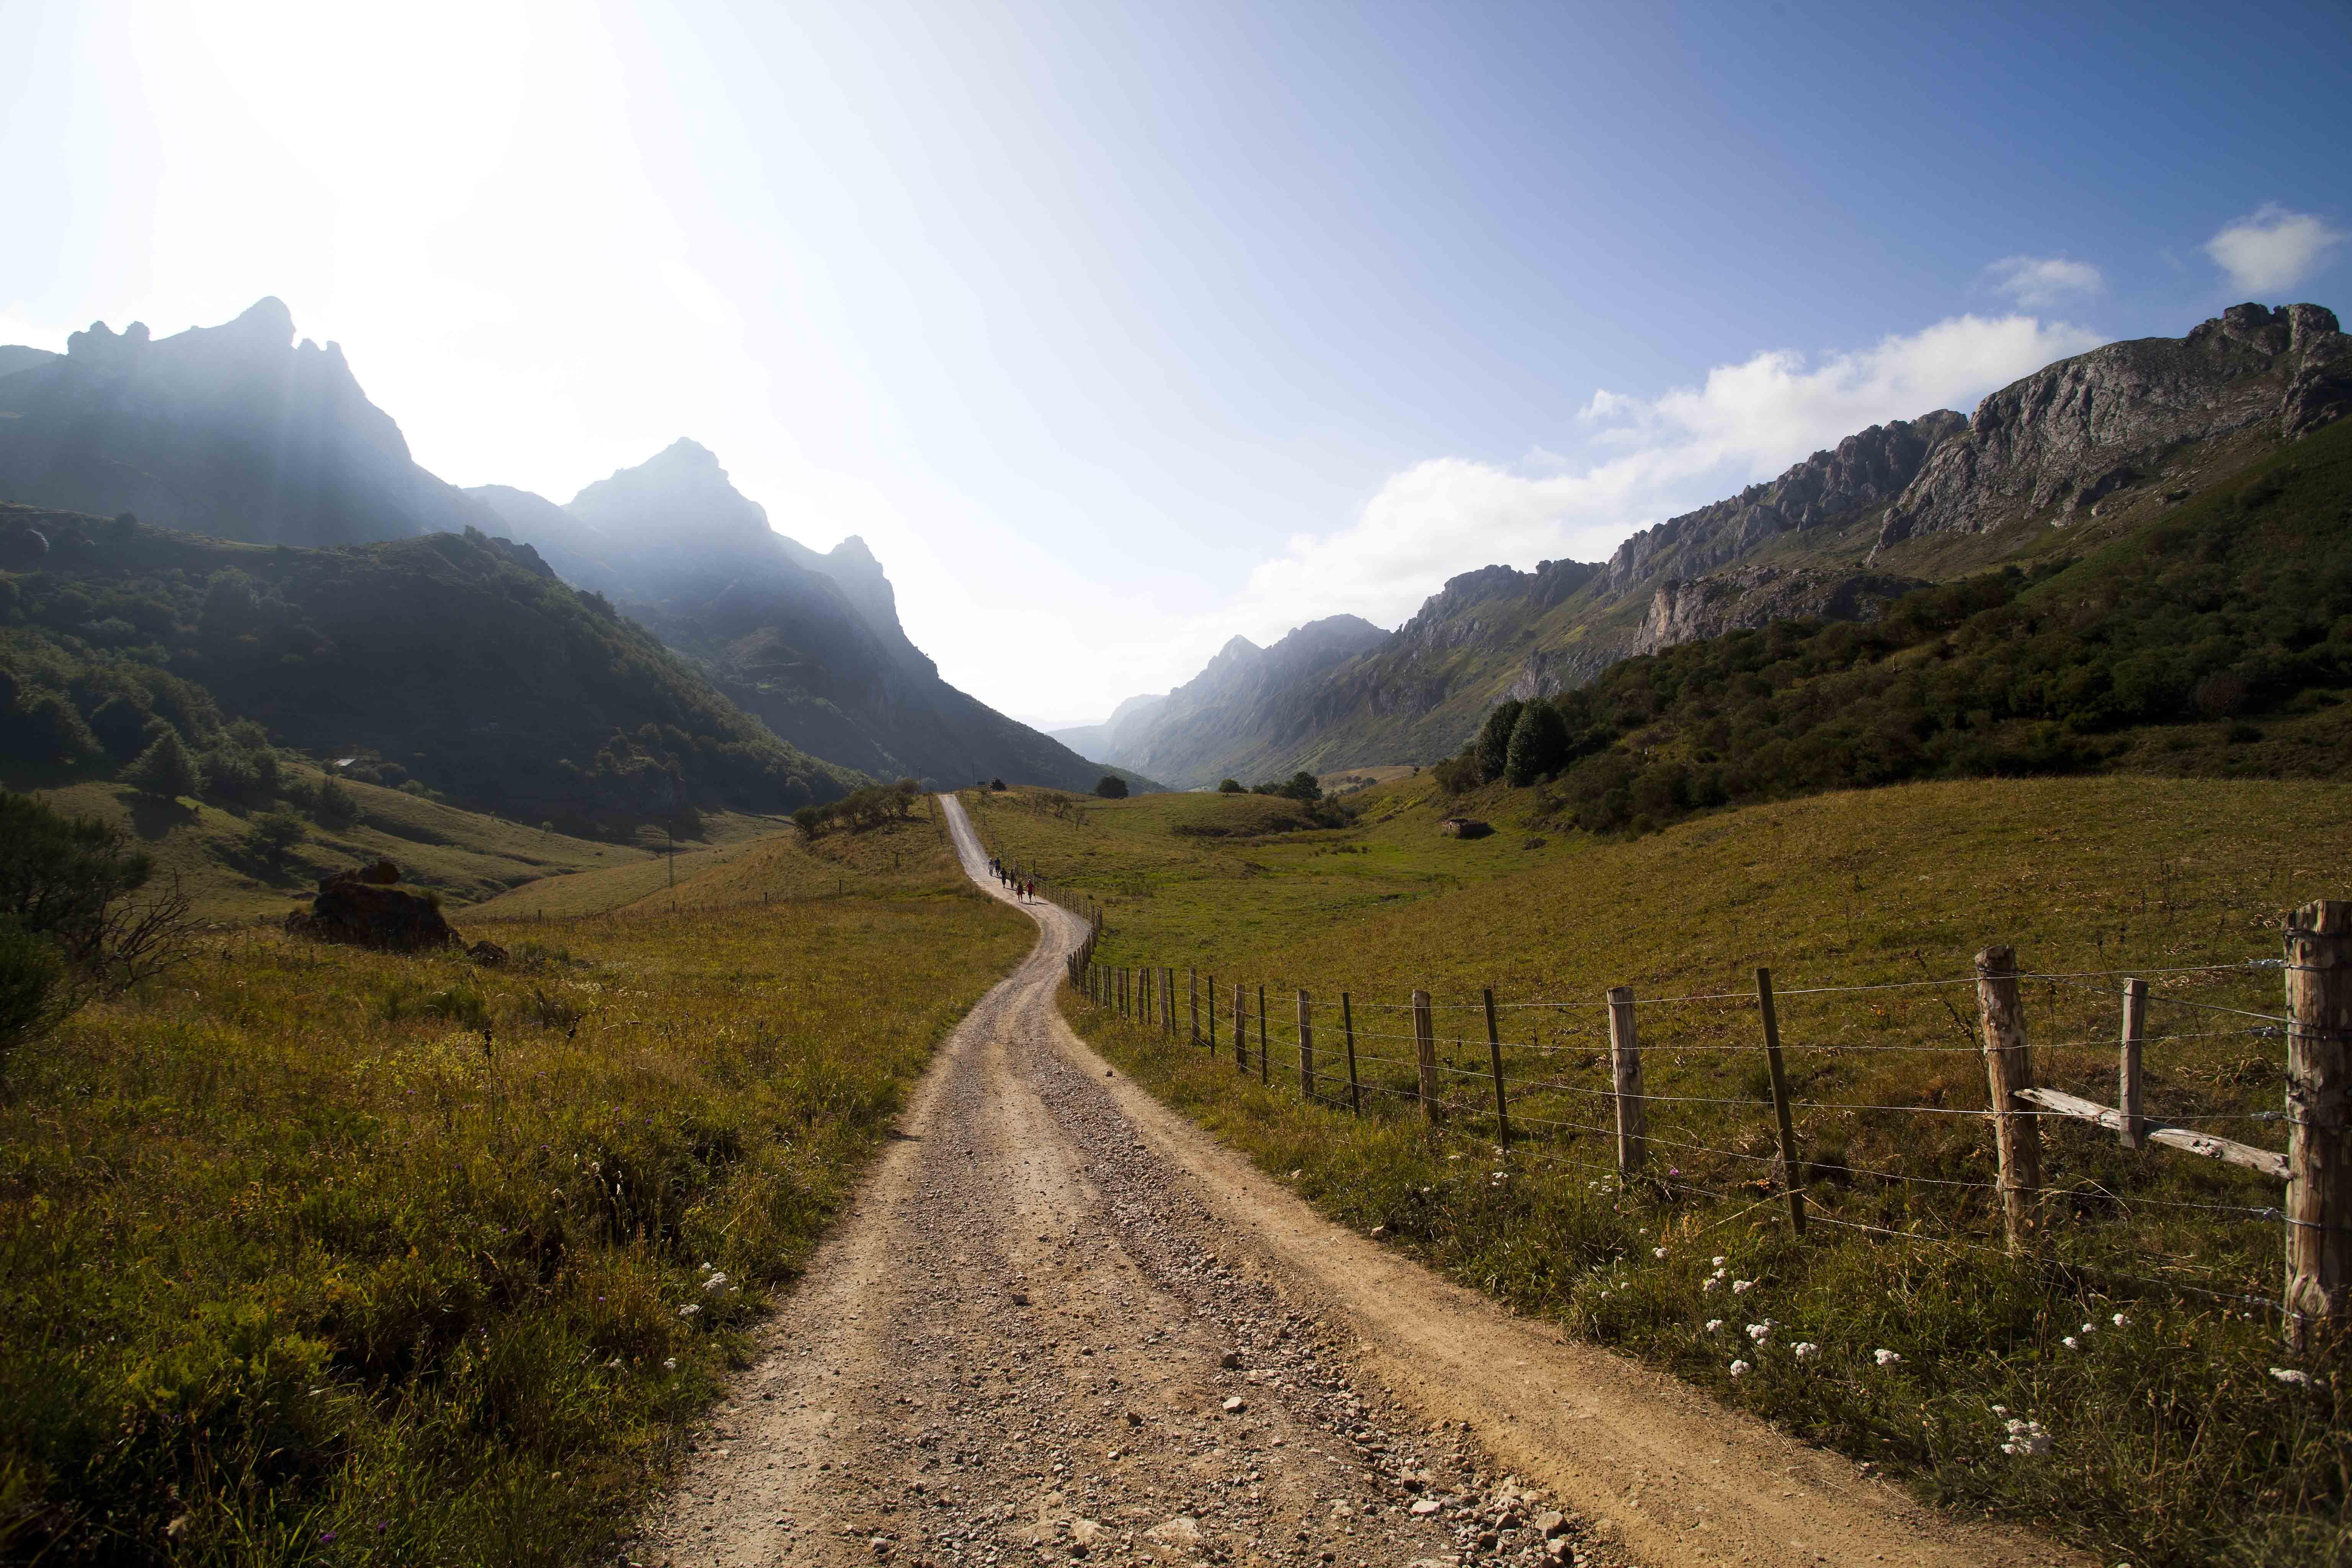 ¿En qué entorno te gusta más ir en bici?